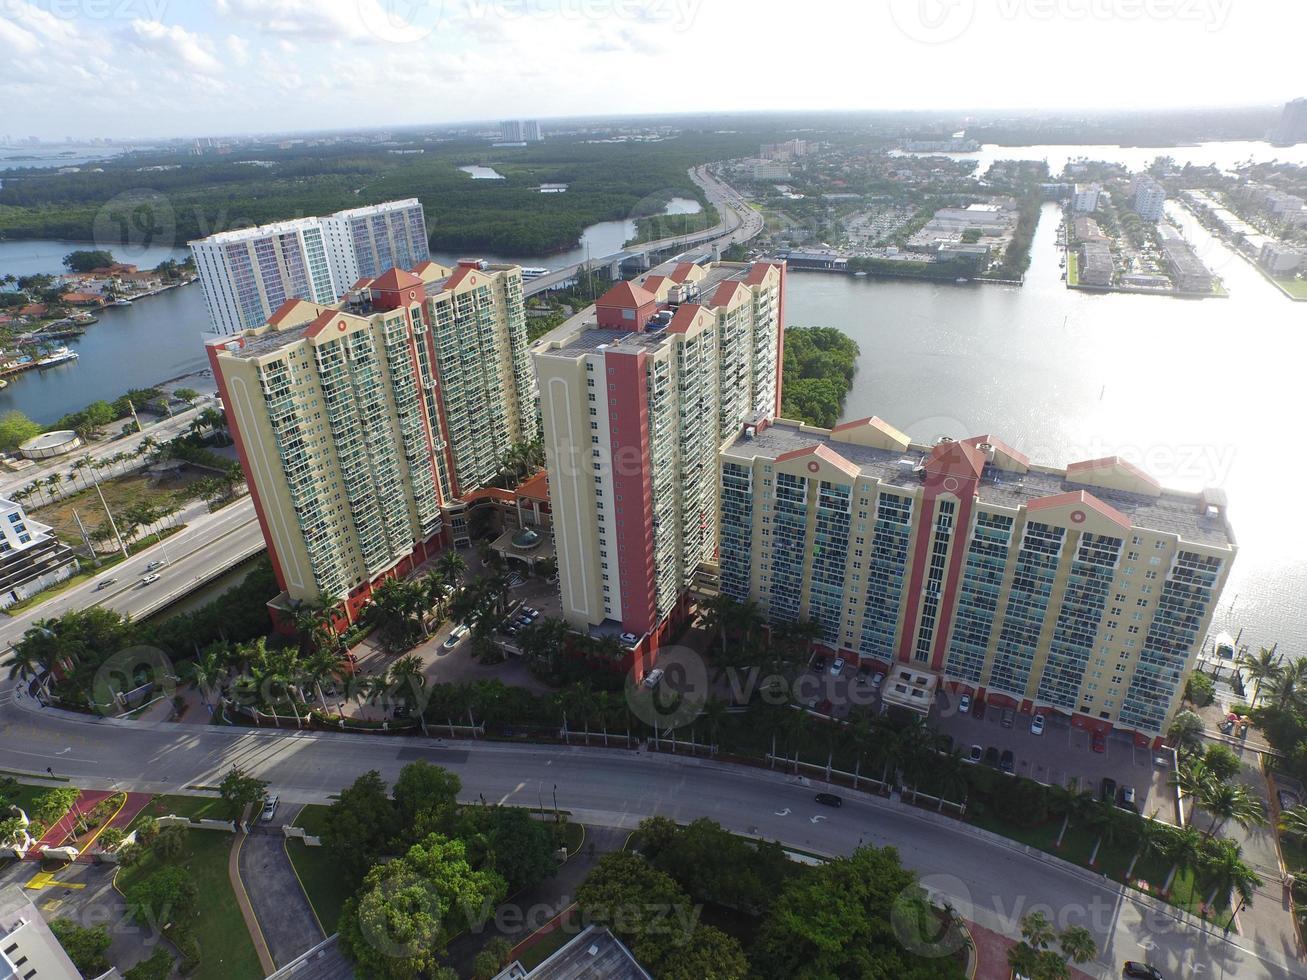 Aerial photo of a condominium community